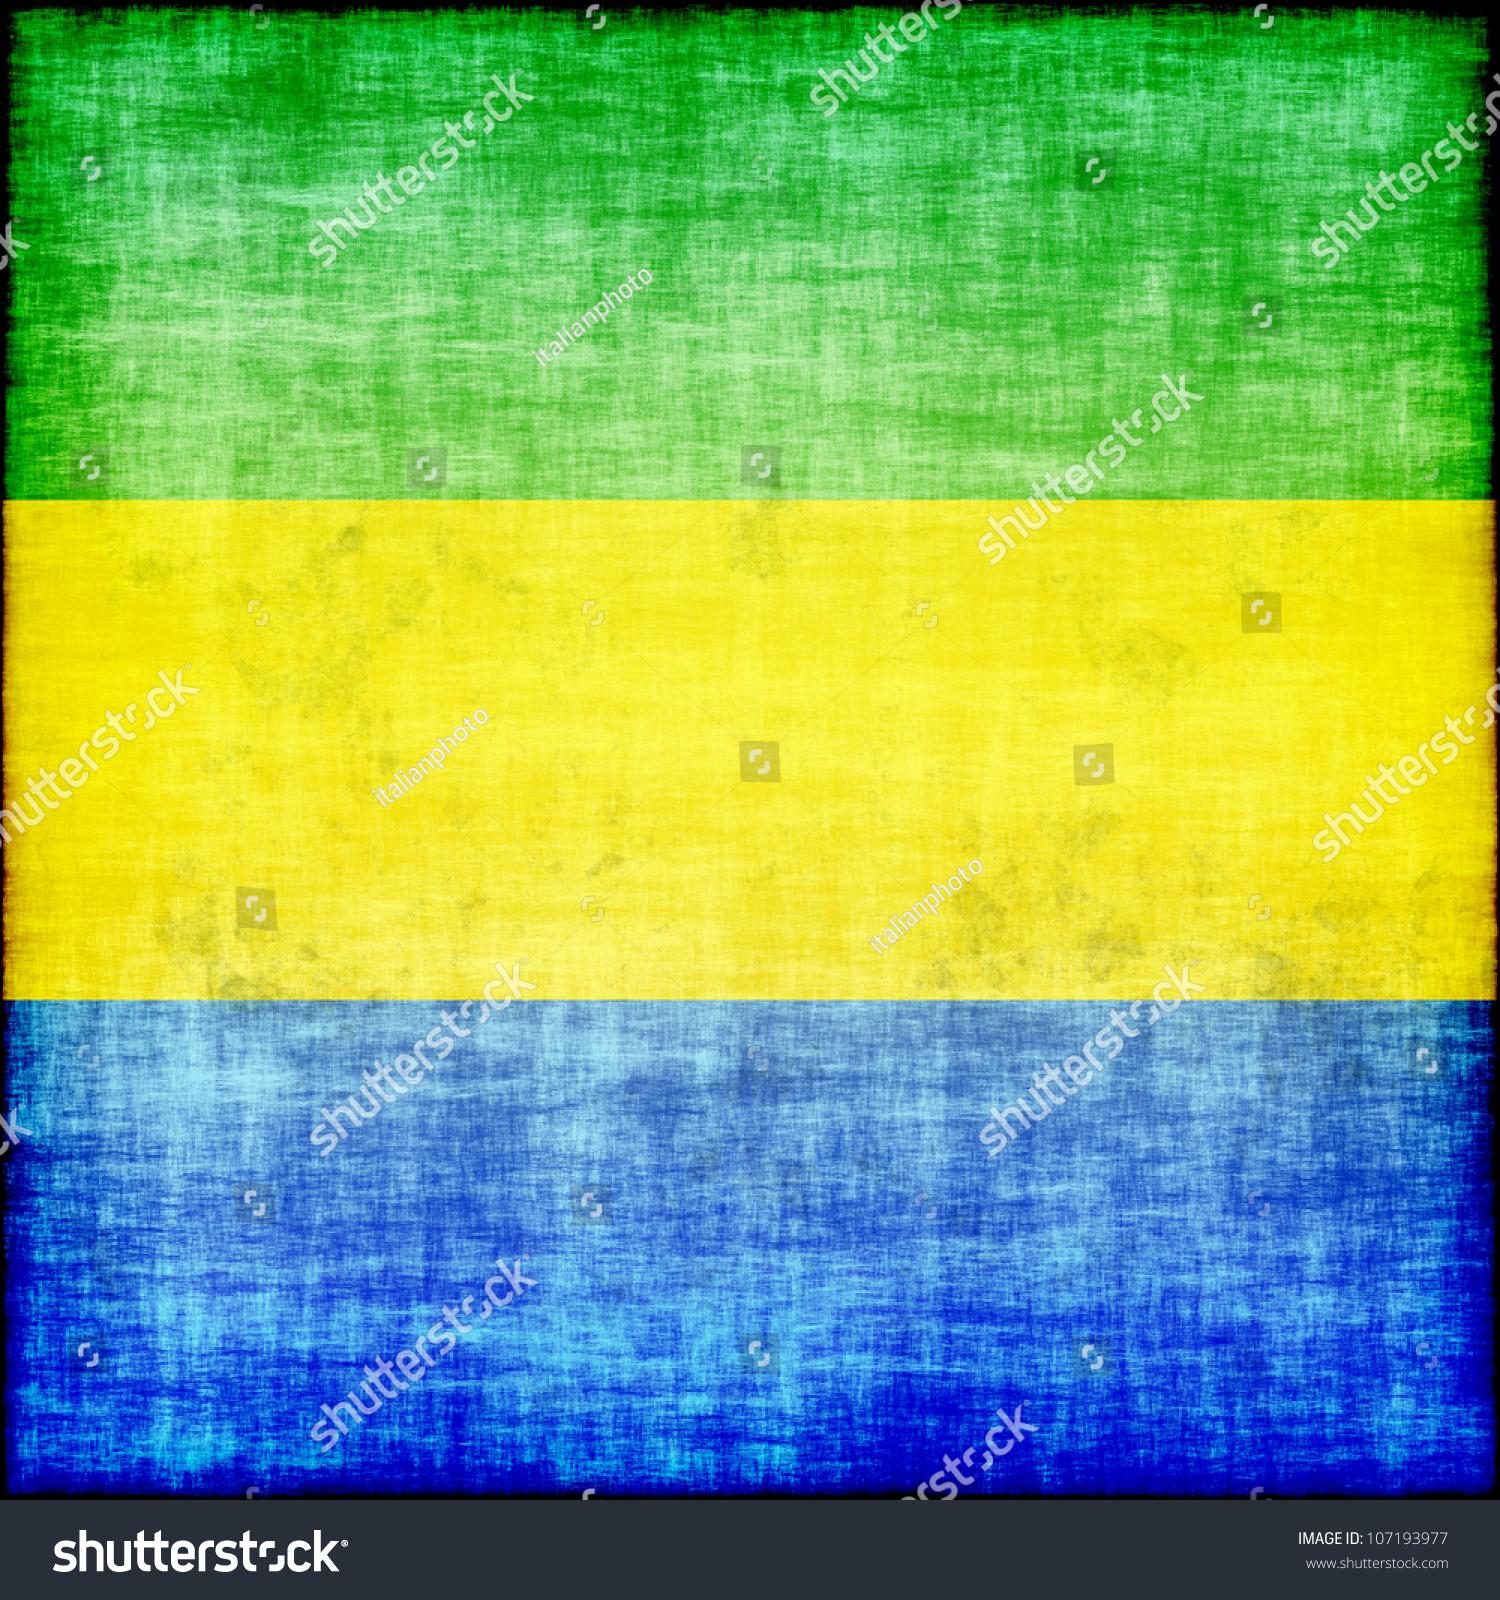 Gabon Grunge Flag Stock Illustration 107193977 - Shutterstock